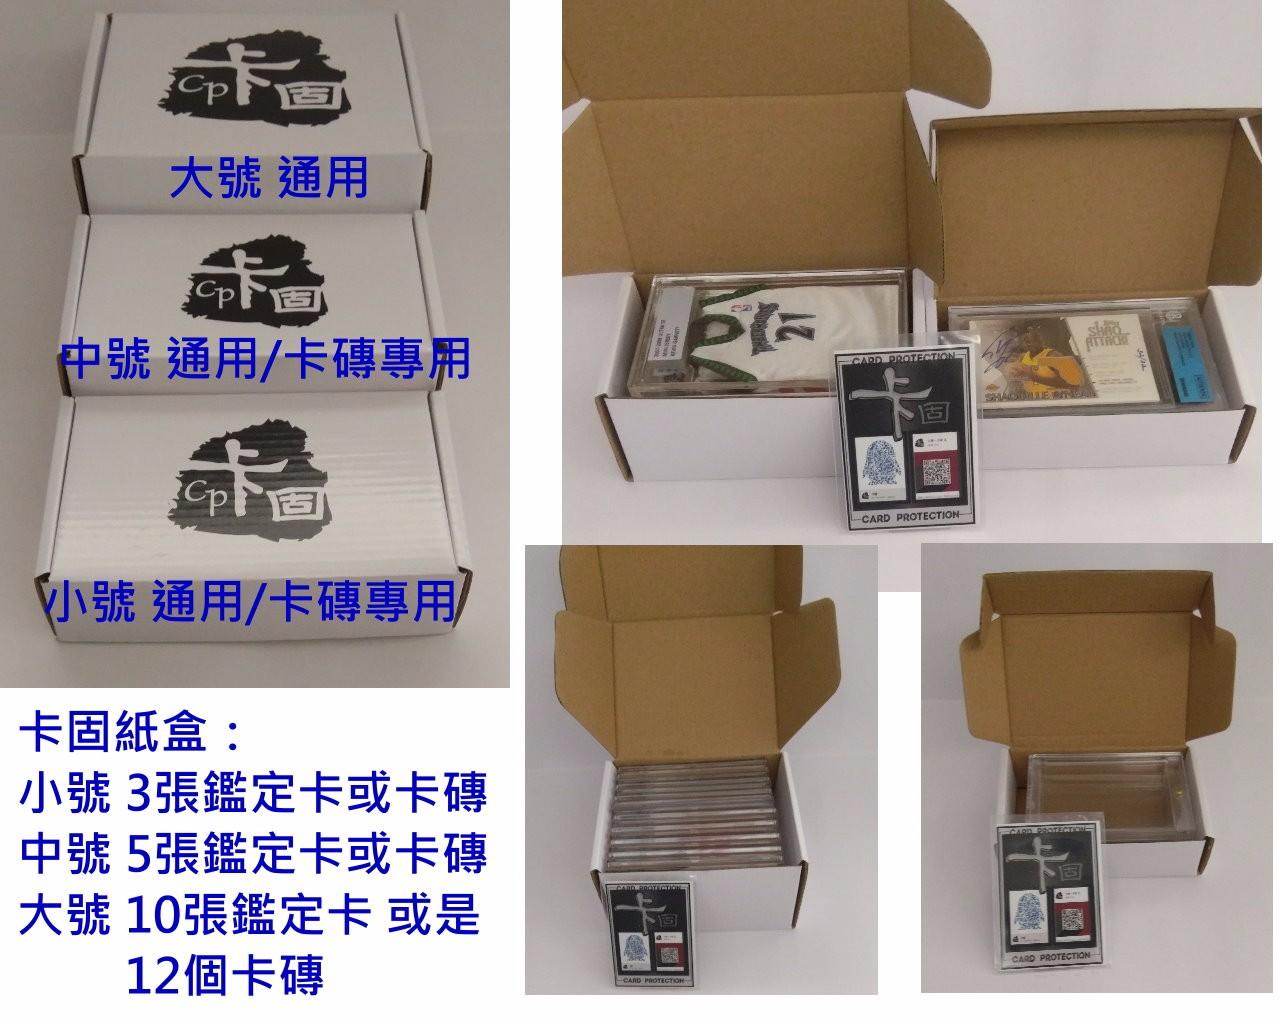 【卡固】CPBPLB 大号通用盒 可装10-12个卡固或BGS